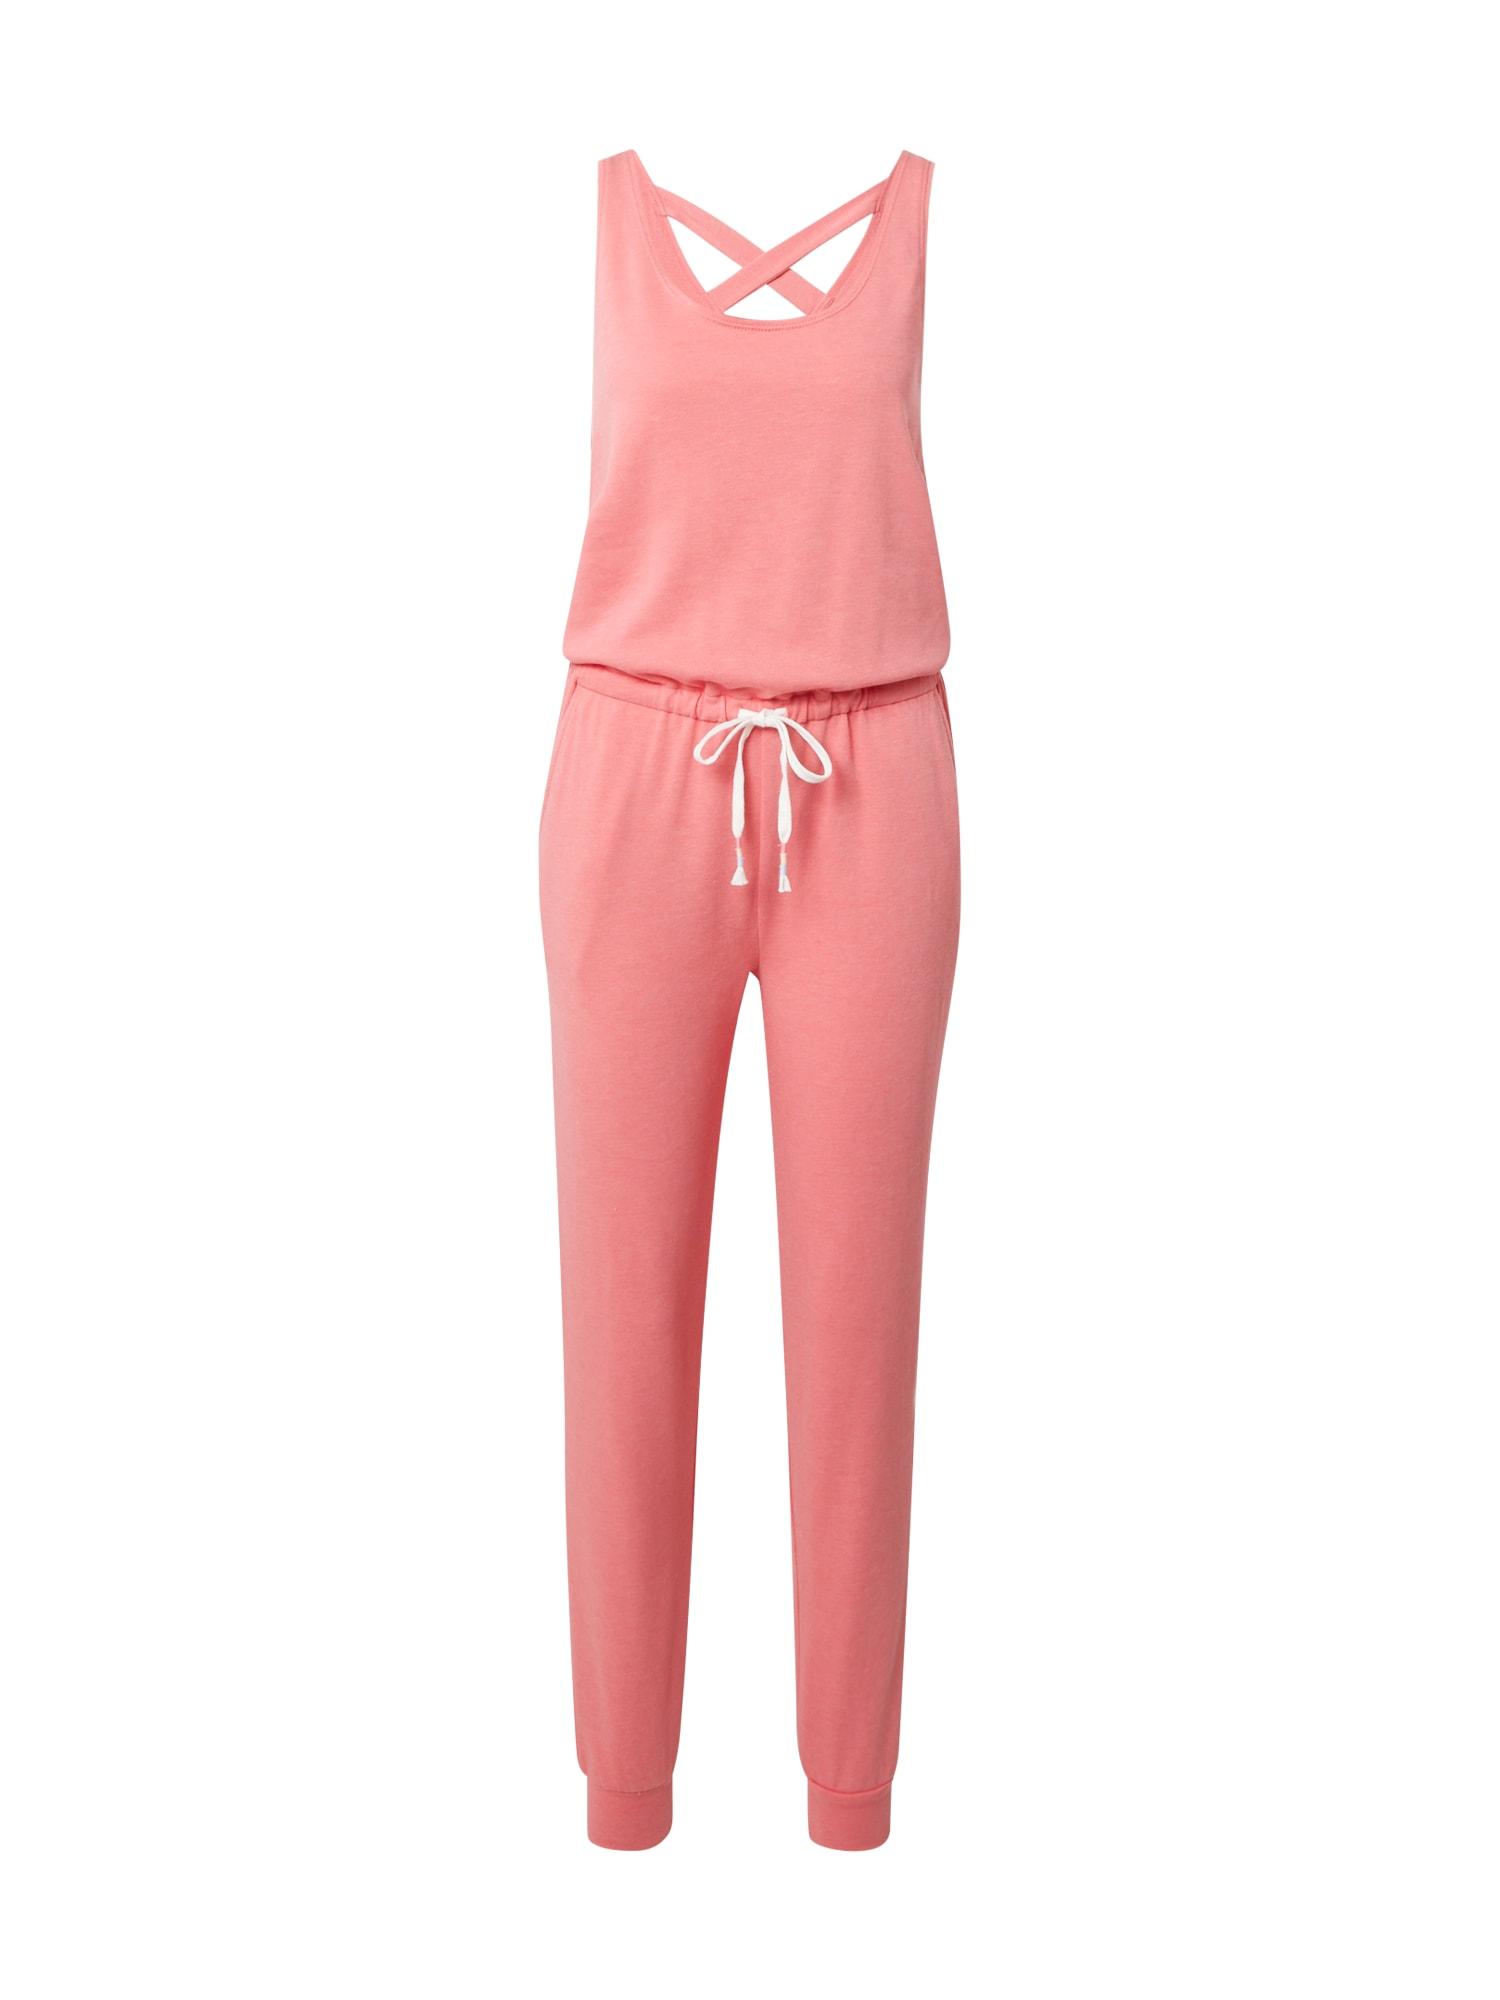 PJ Salvage Naminis kostiumas ryškiai rožinė spalva